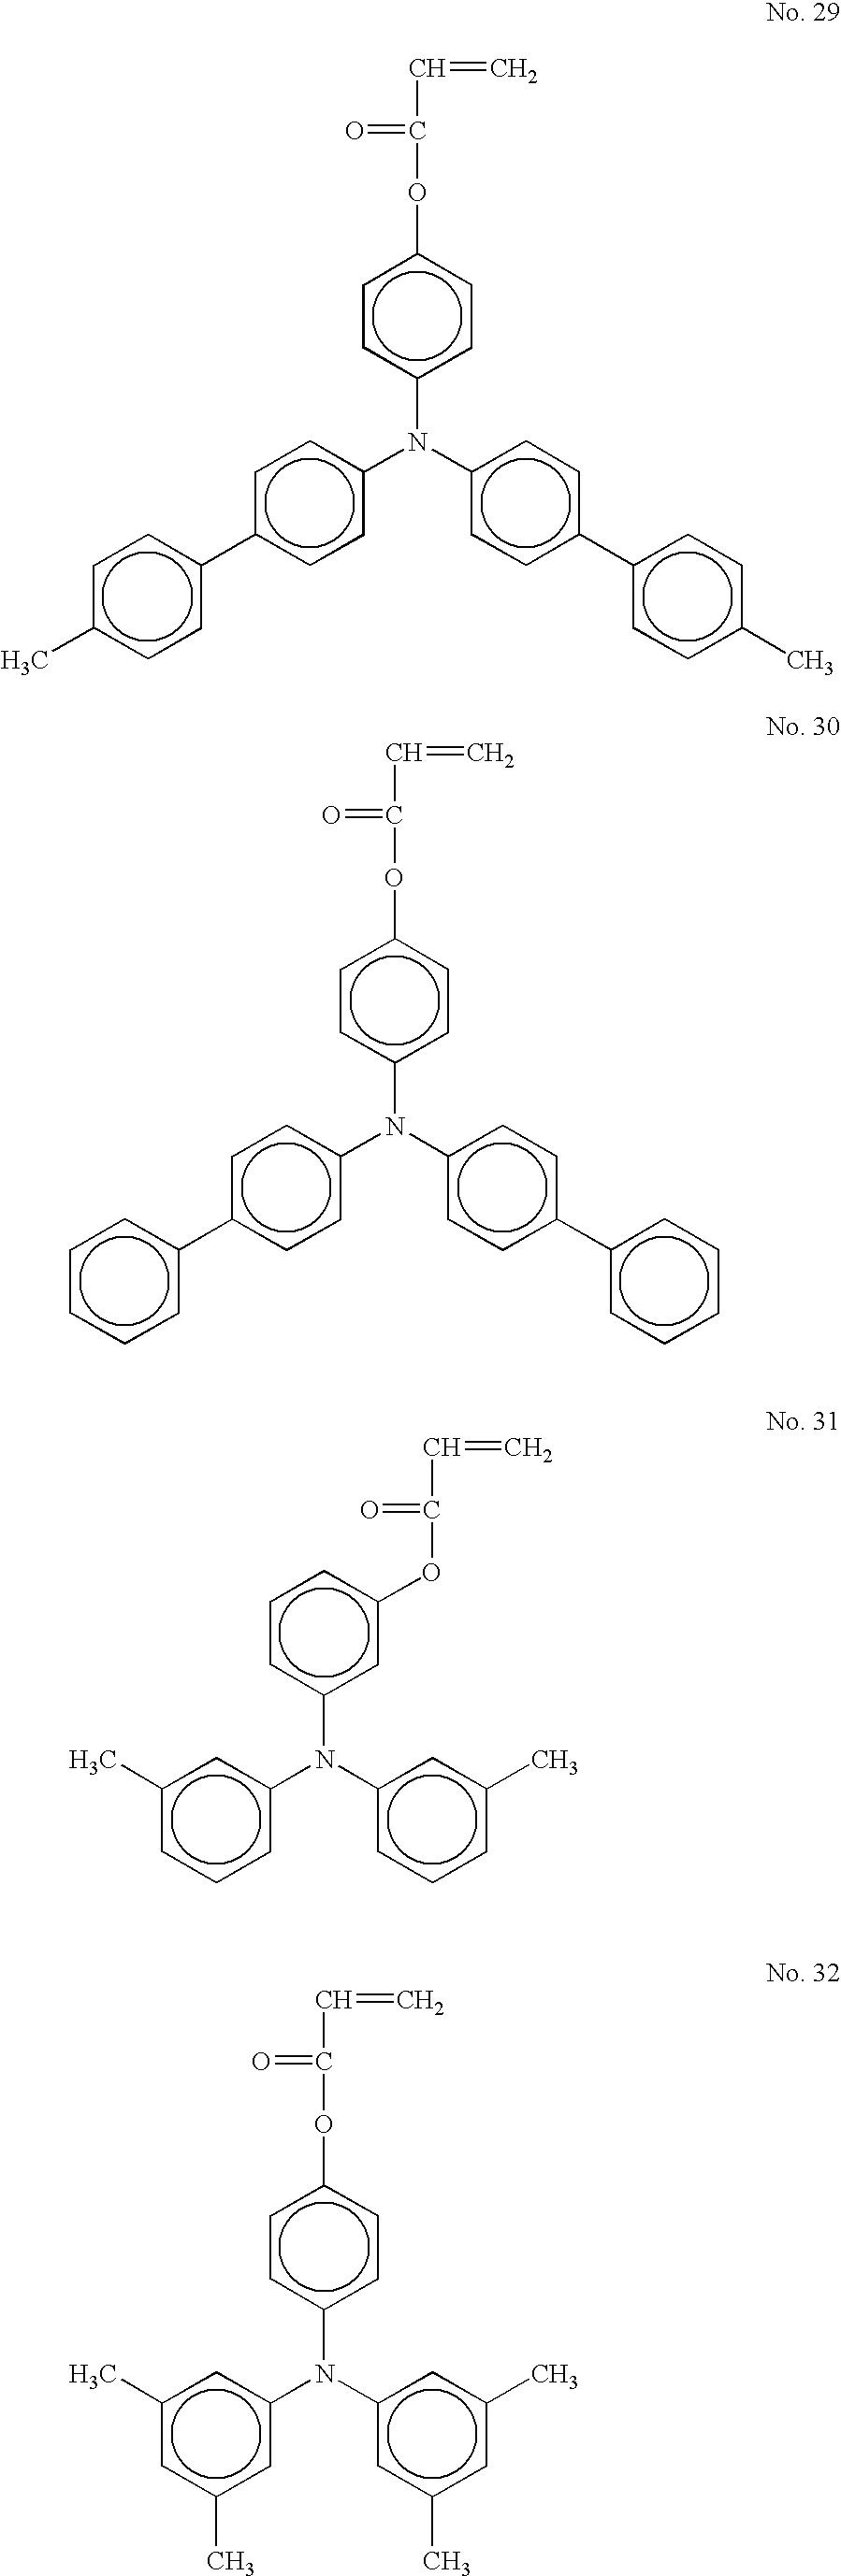 Figure US20100209842A1-20100819-C00013